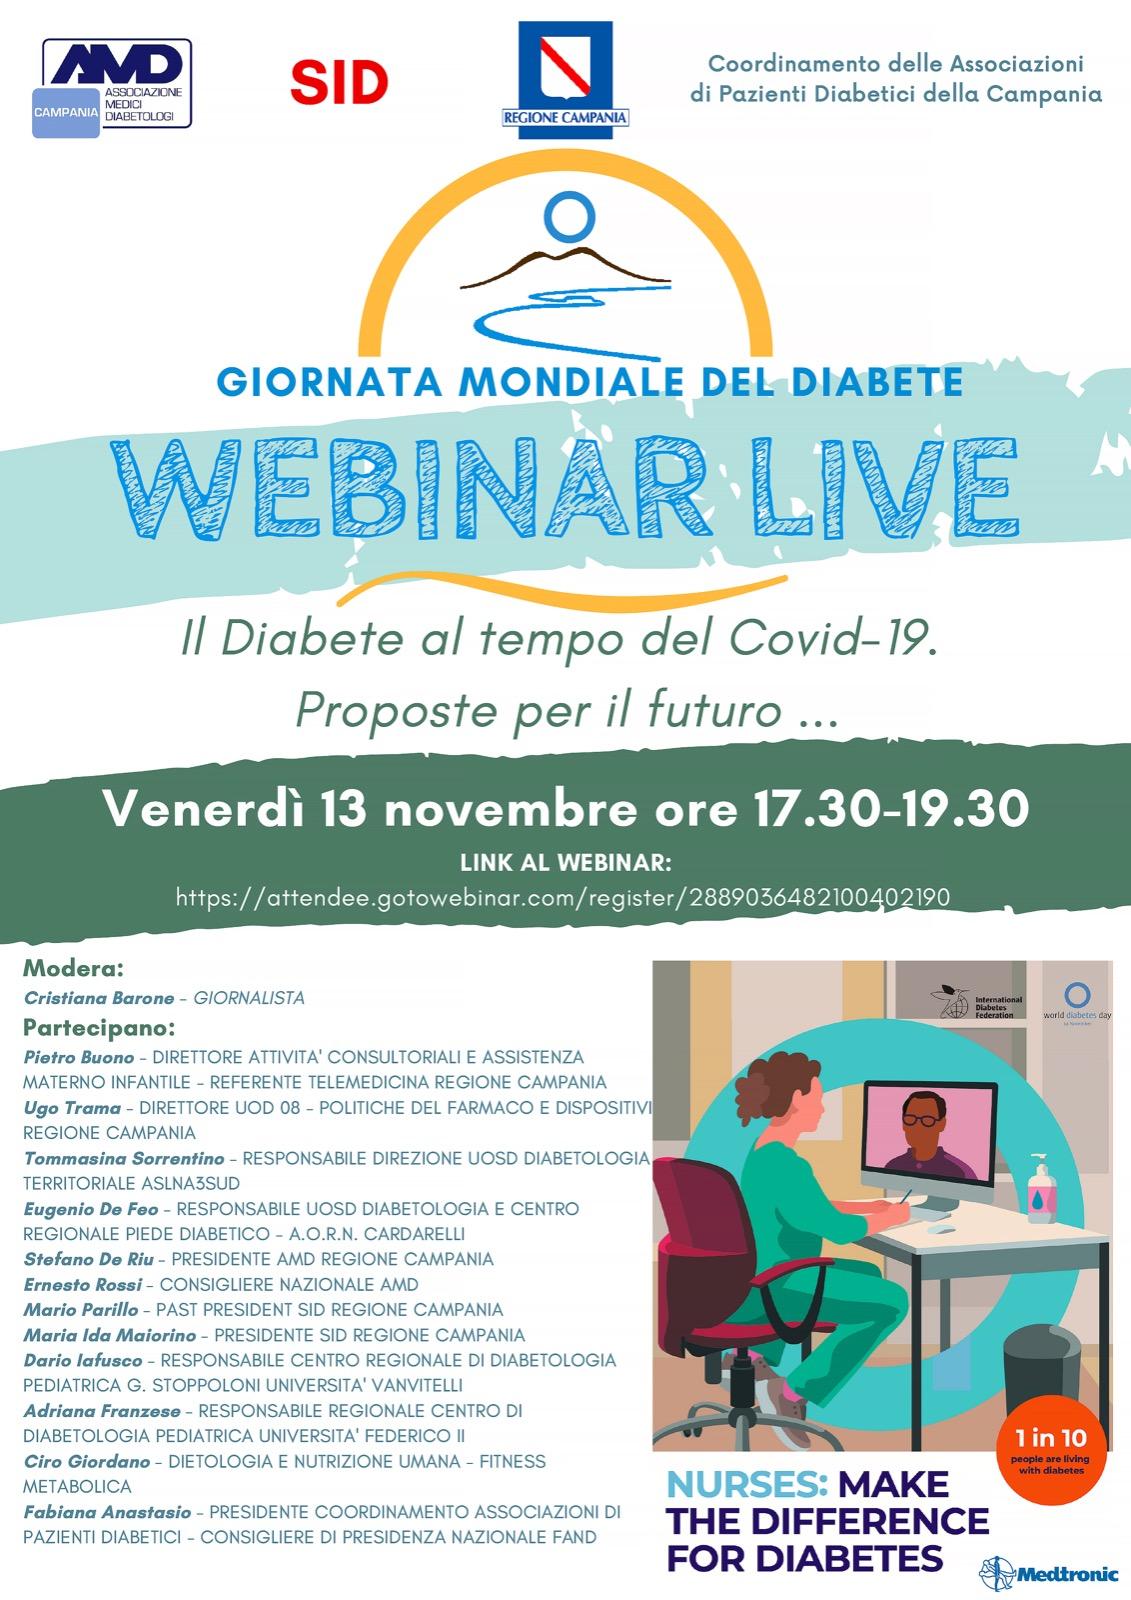 GMD Campania webinar : Il diabete al tempo del Covid-19 proposte per il futuro